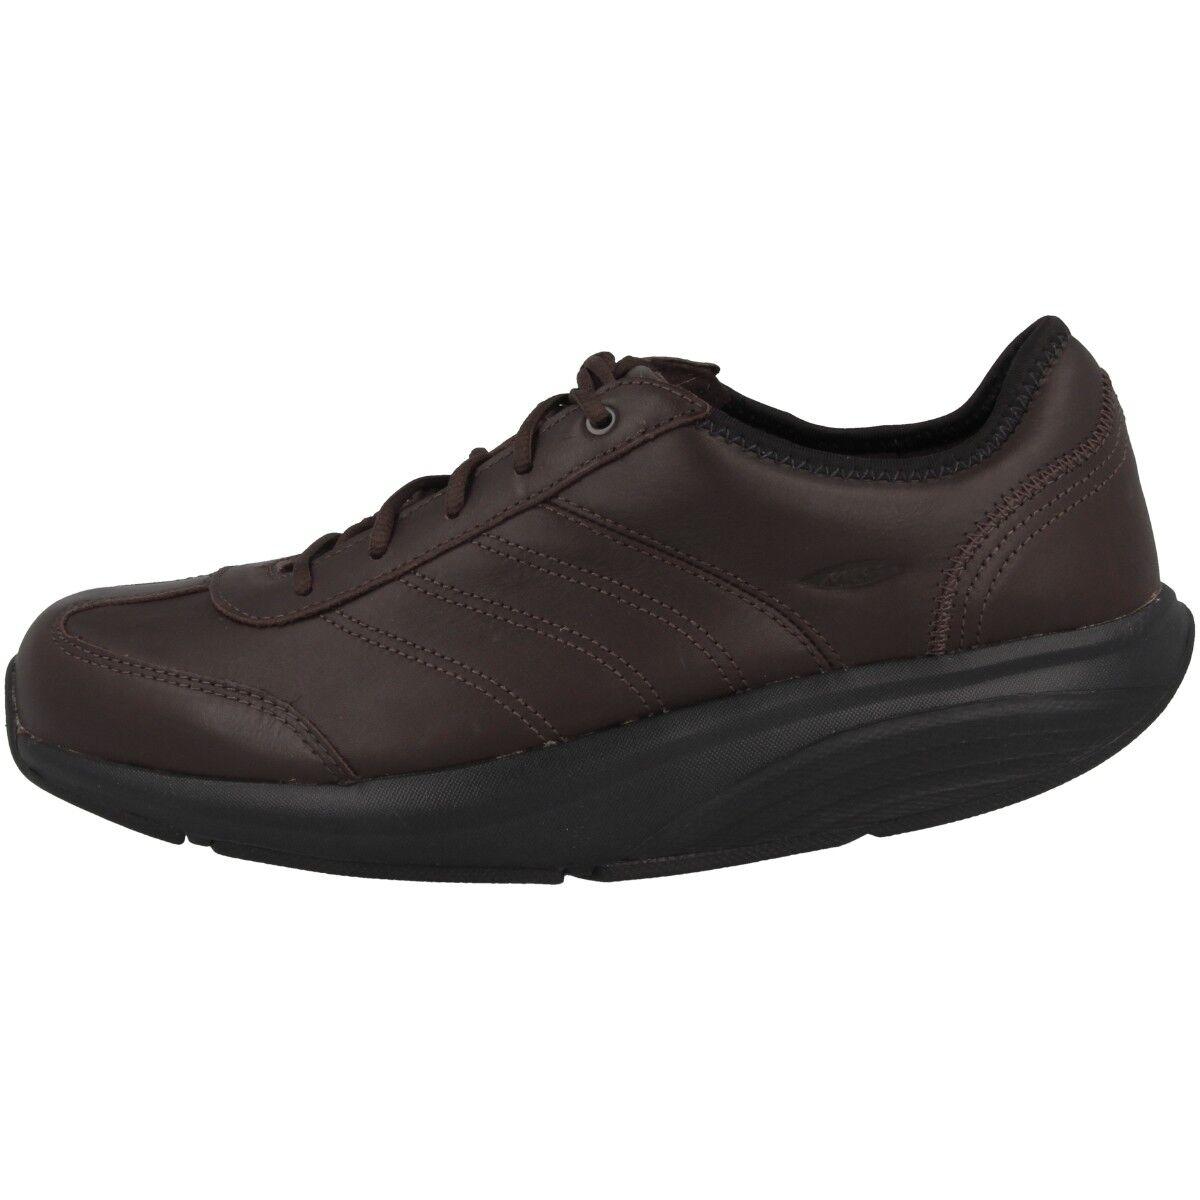 MBT Rukita Walk Lite Lace Schuhe DaSie Fitness Gesundheitsschuhe 700383-619N